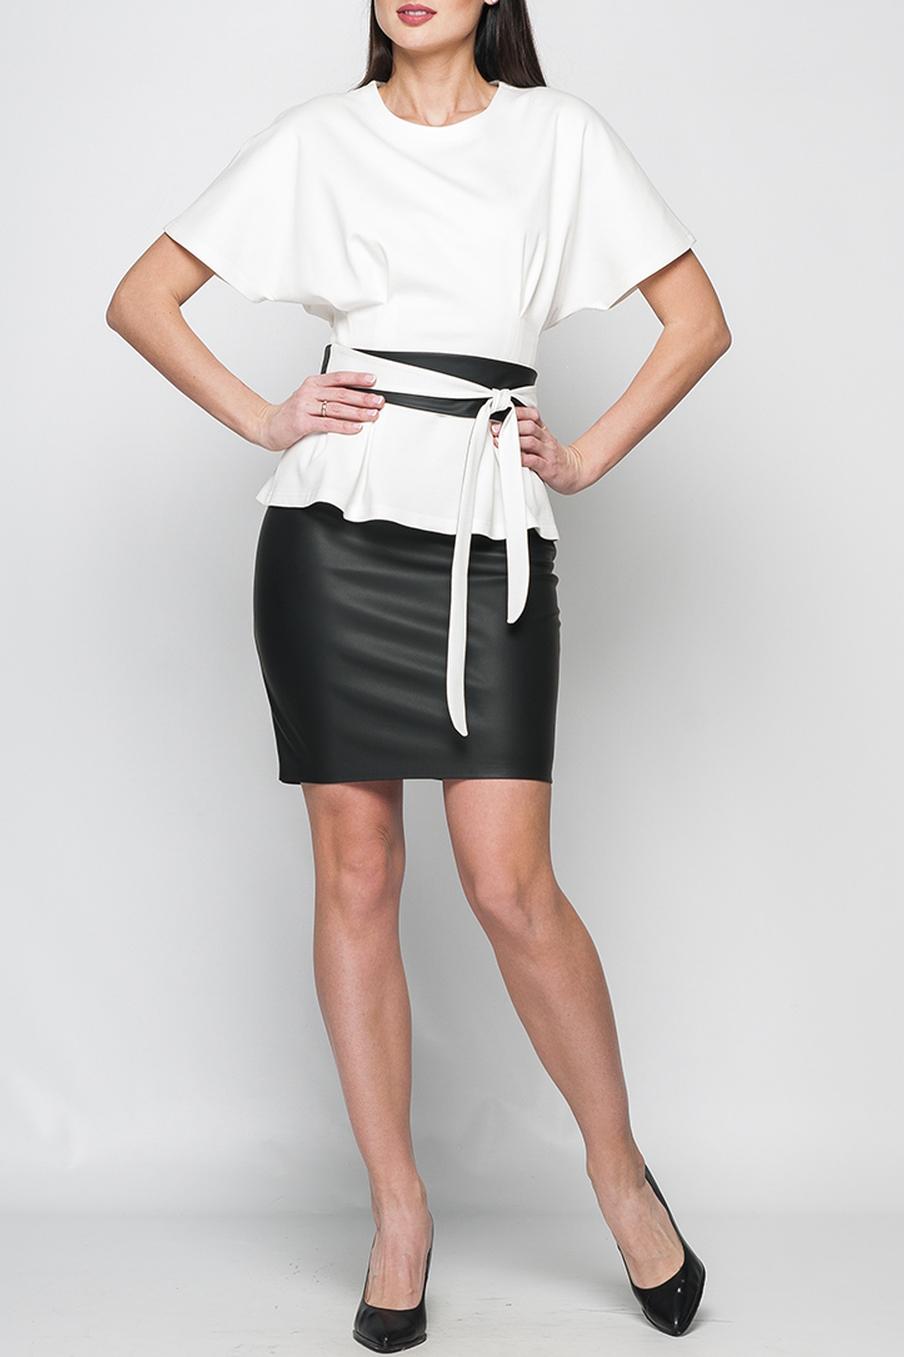 ЮбкаЮбки<br>Стильная юбка-карандаш, выполненная из эко-кожи приталенного силуэта. Талия чуть занижена, сзади расположена потайная застежка-молния. Модель слегка заужена к низу, сзади дополнена разрезом. Идеальный офисный вариант, а также будет являться прекрасным дополнением для создания эффектного образа  В изделии использованы цвета: черный  Рост девушки-фотомодели 175 см.<br><br>По длине: До колена<br>По материалу: Кожа<br>По образу: Город,Офис,Свидание<br>По рисунку: Однотонные<br>По силуэту: Приталенные<br>По стилю: Классический стиль,Офисный стиль,Повседневный стиль<br>По форме: Юбка-карандаш<br>По сезону: Осень,Весна<br>Размер : 42,46<br>Материал: Искусственная кожа<br>Количество в наличии: 2